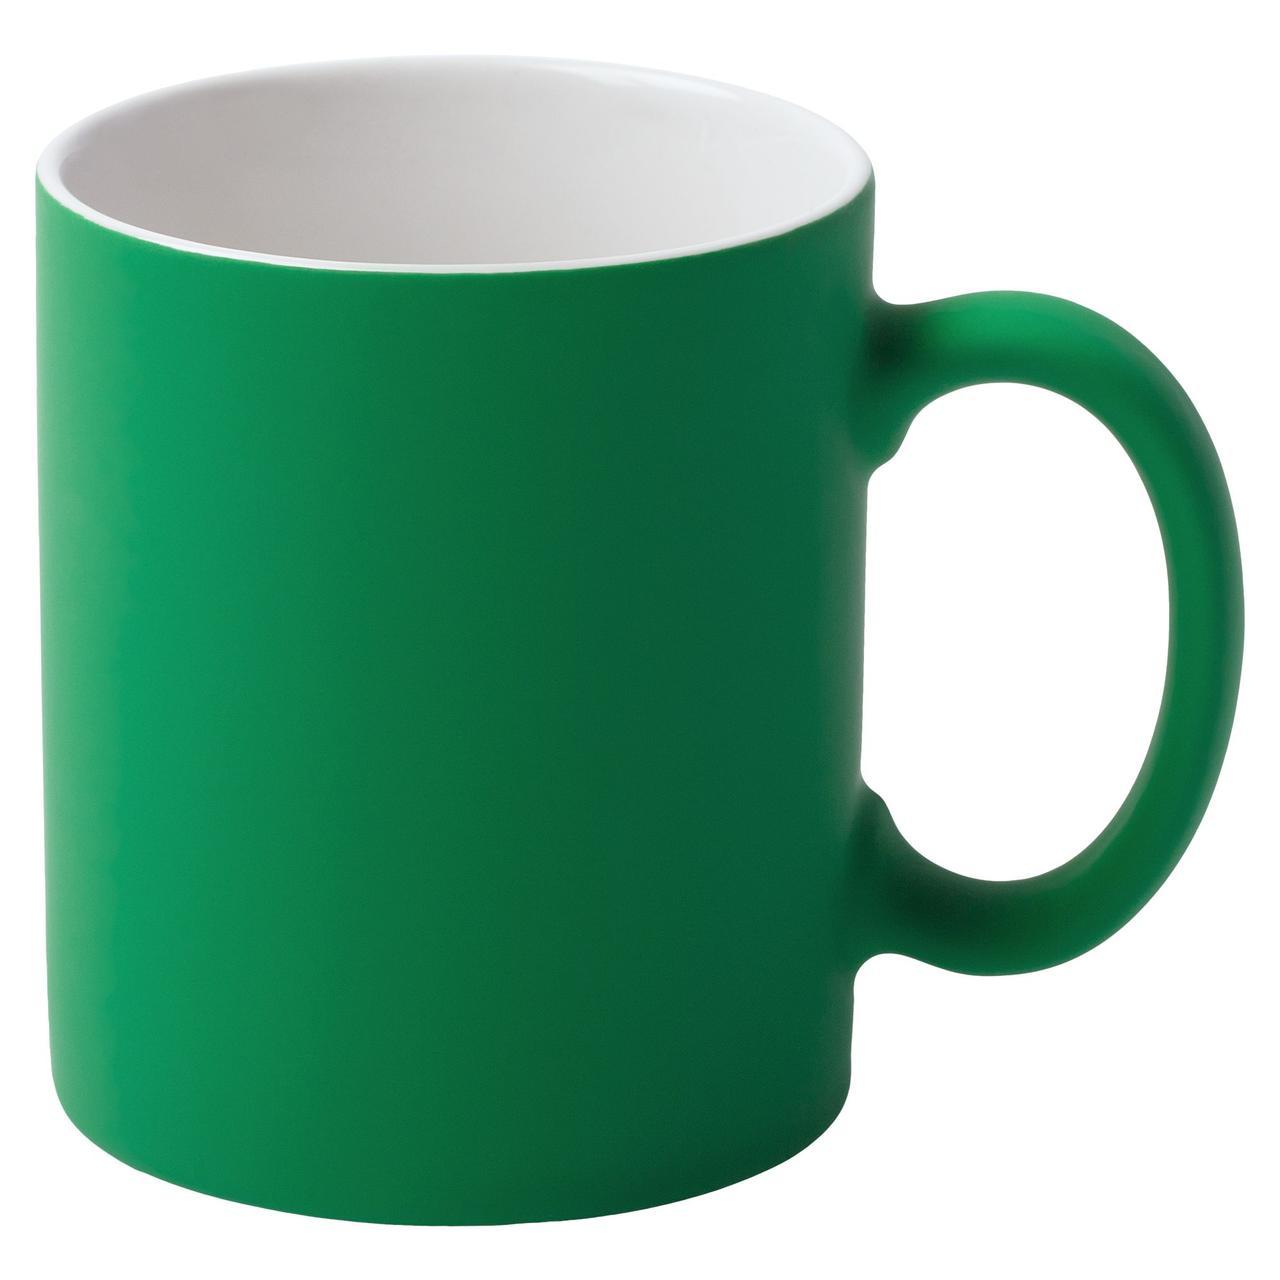 Кружка Promo c покрытием софт-тач, зеленая